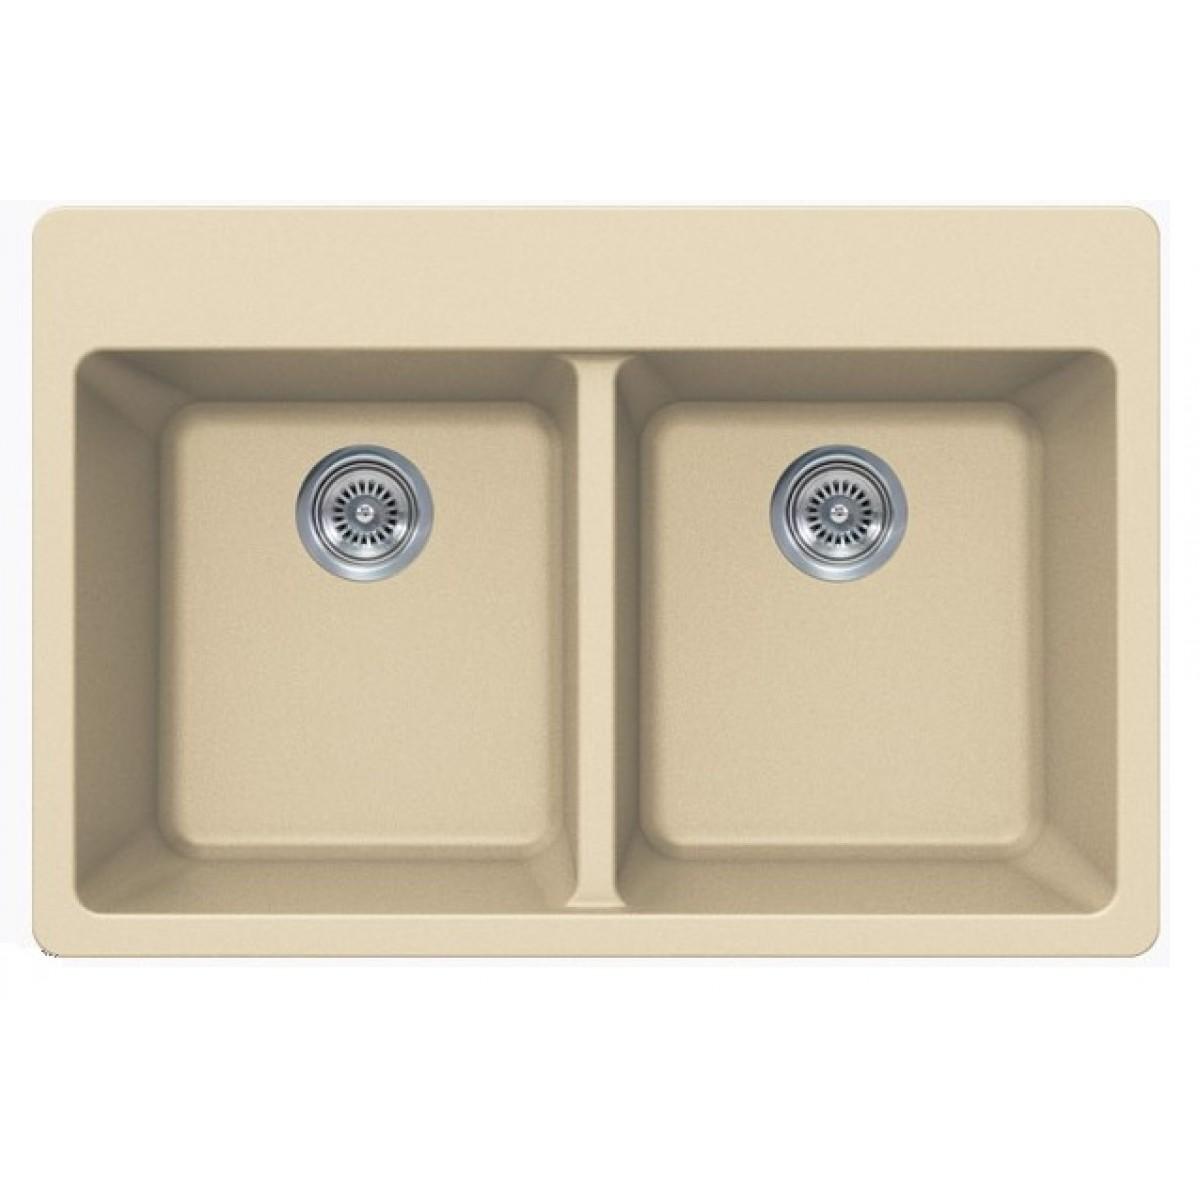 Beige Quartz Composite Double Bowl Undermount Drop In Kitchen Sink 33 X 22 X 9 Inch